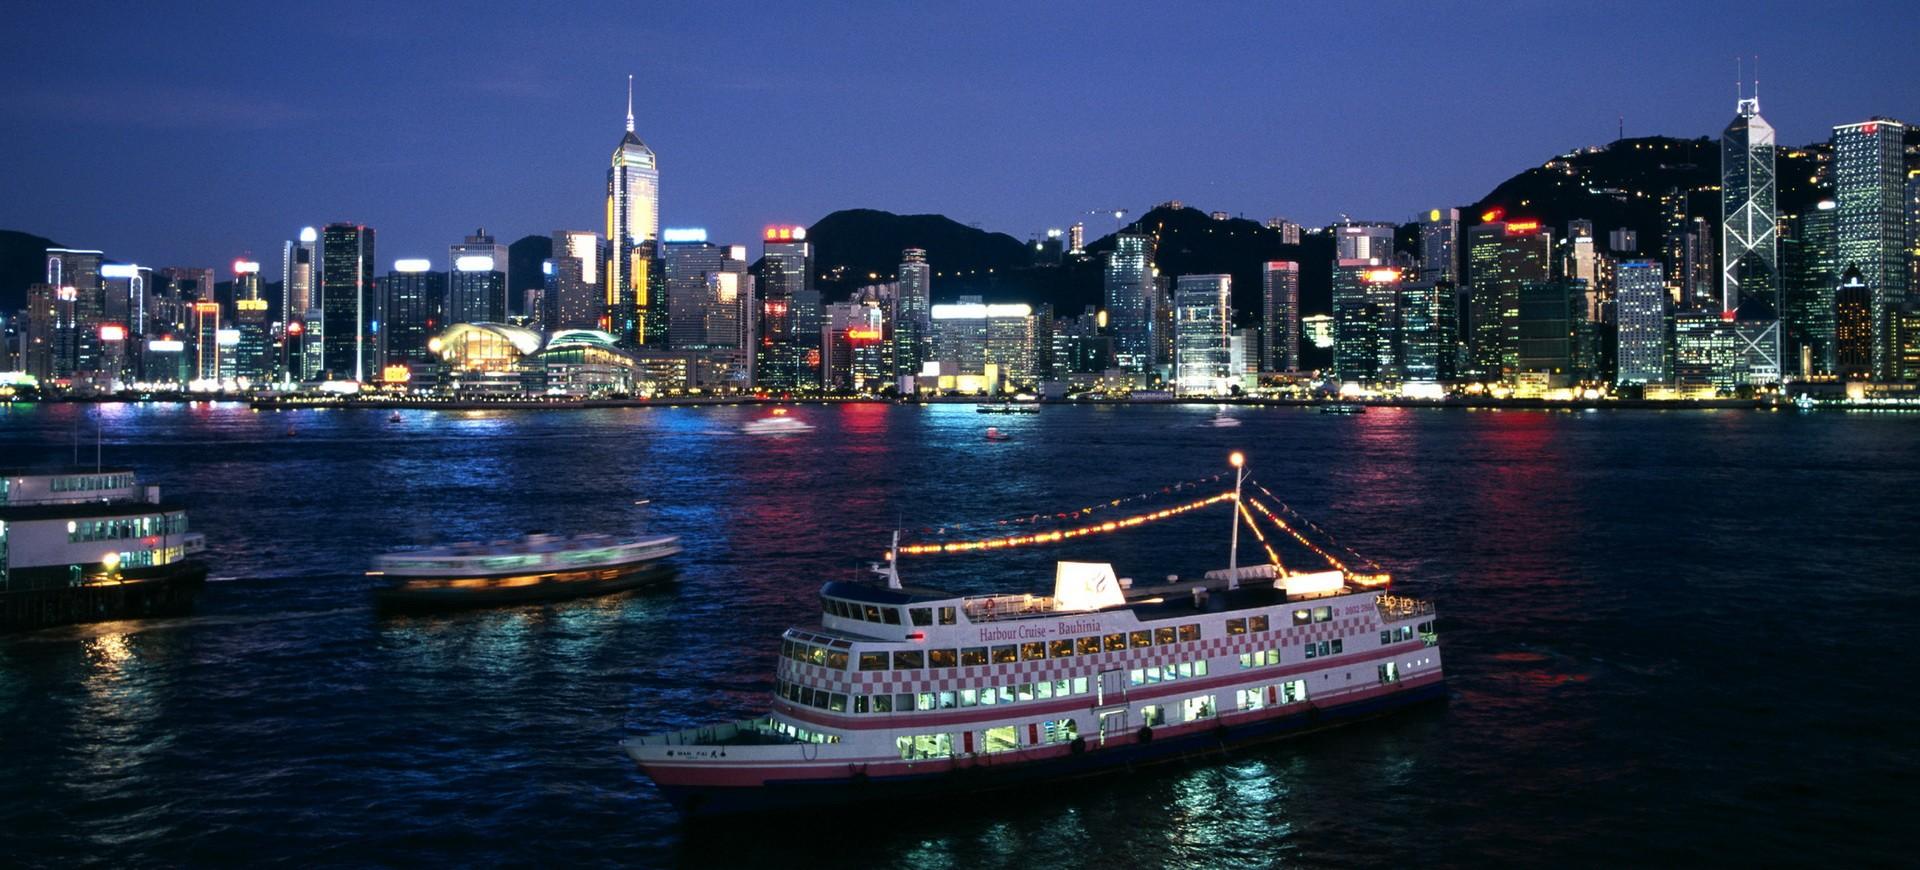 Croisière de nuit dans la Baie de Hong Kong